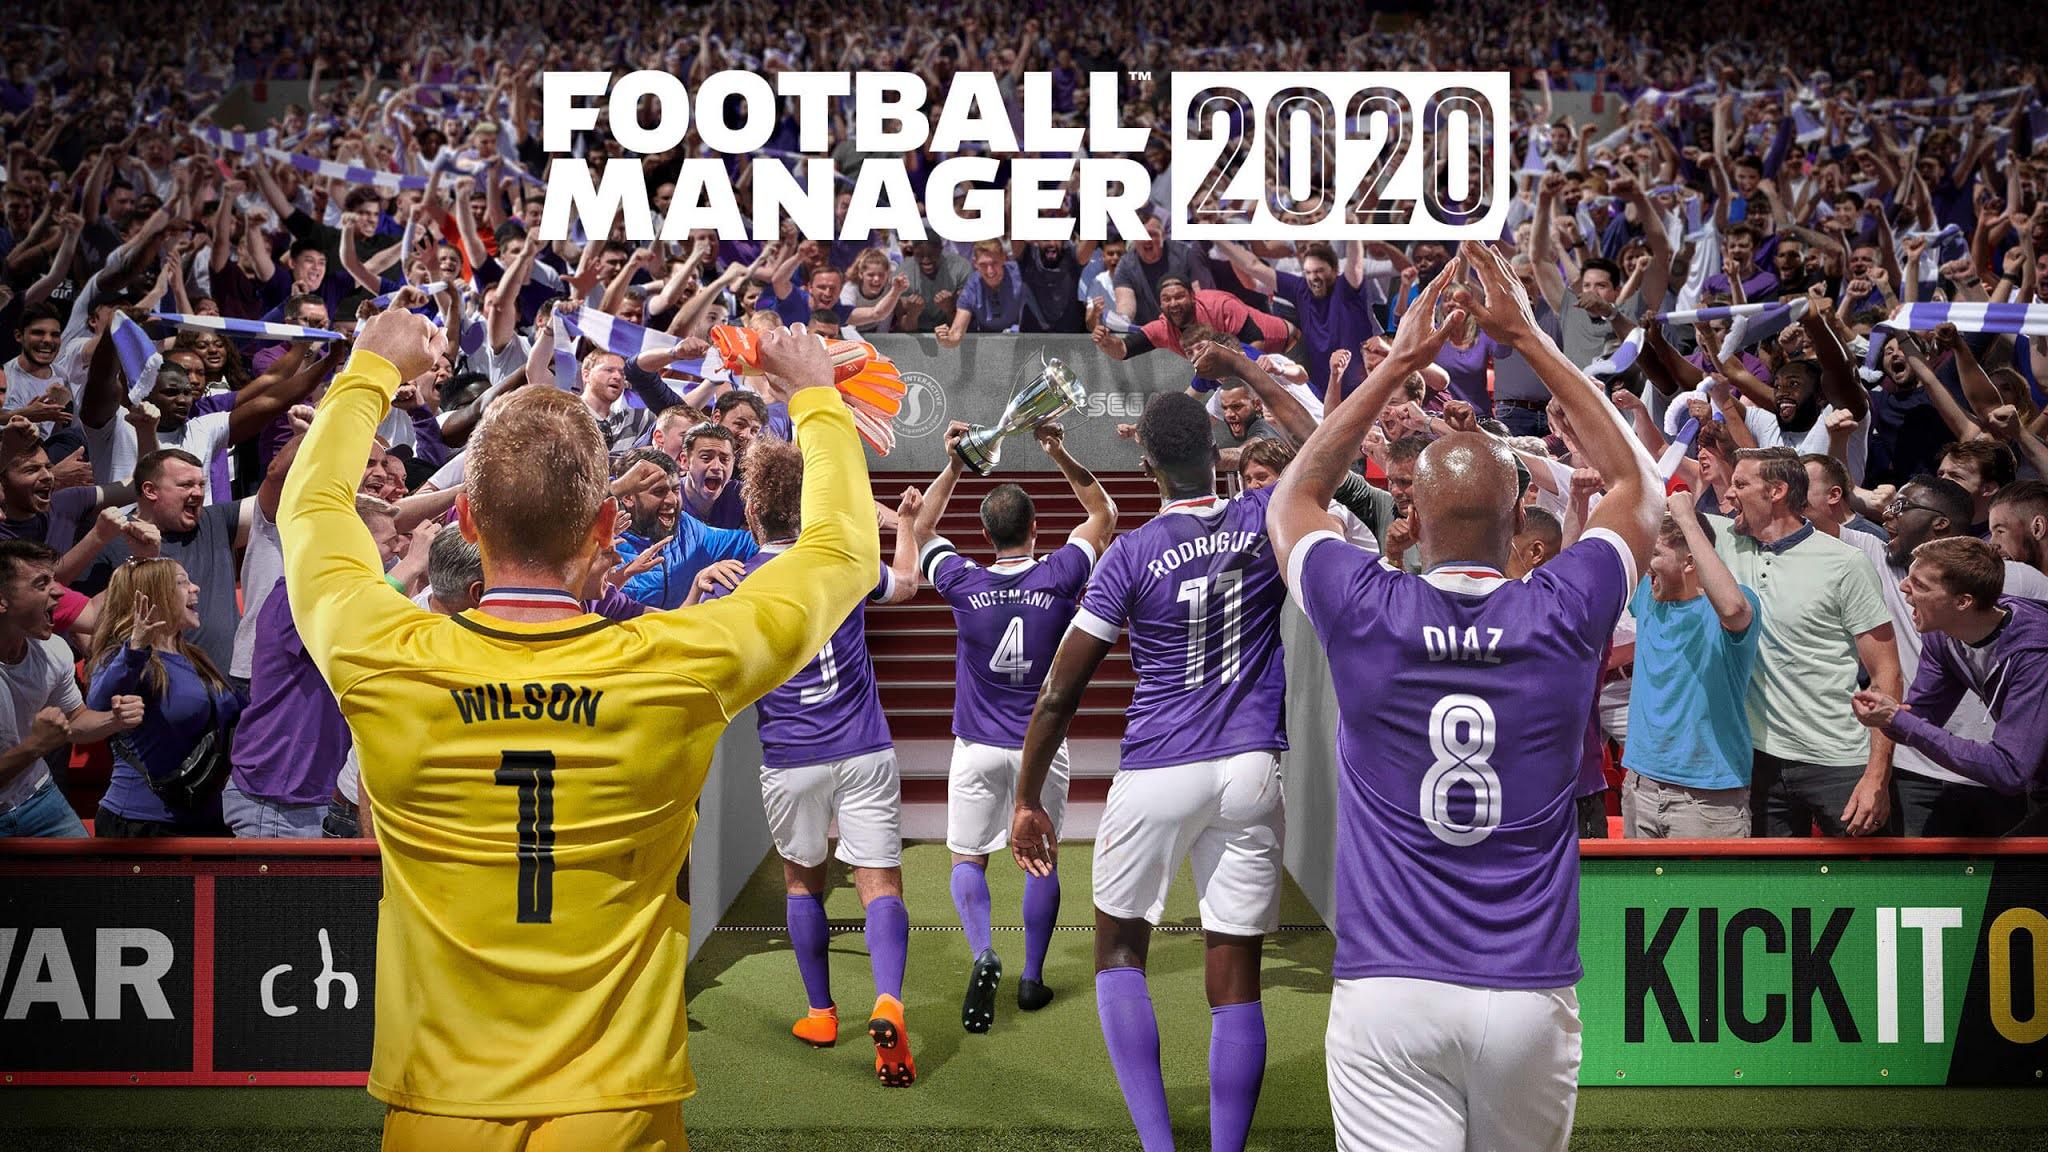 Football Manager 2020 grátis (download gratuito)